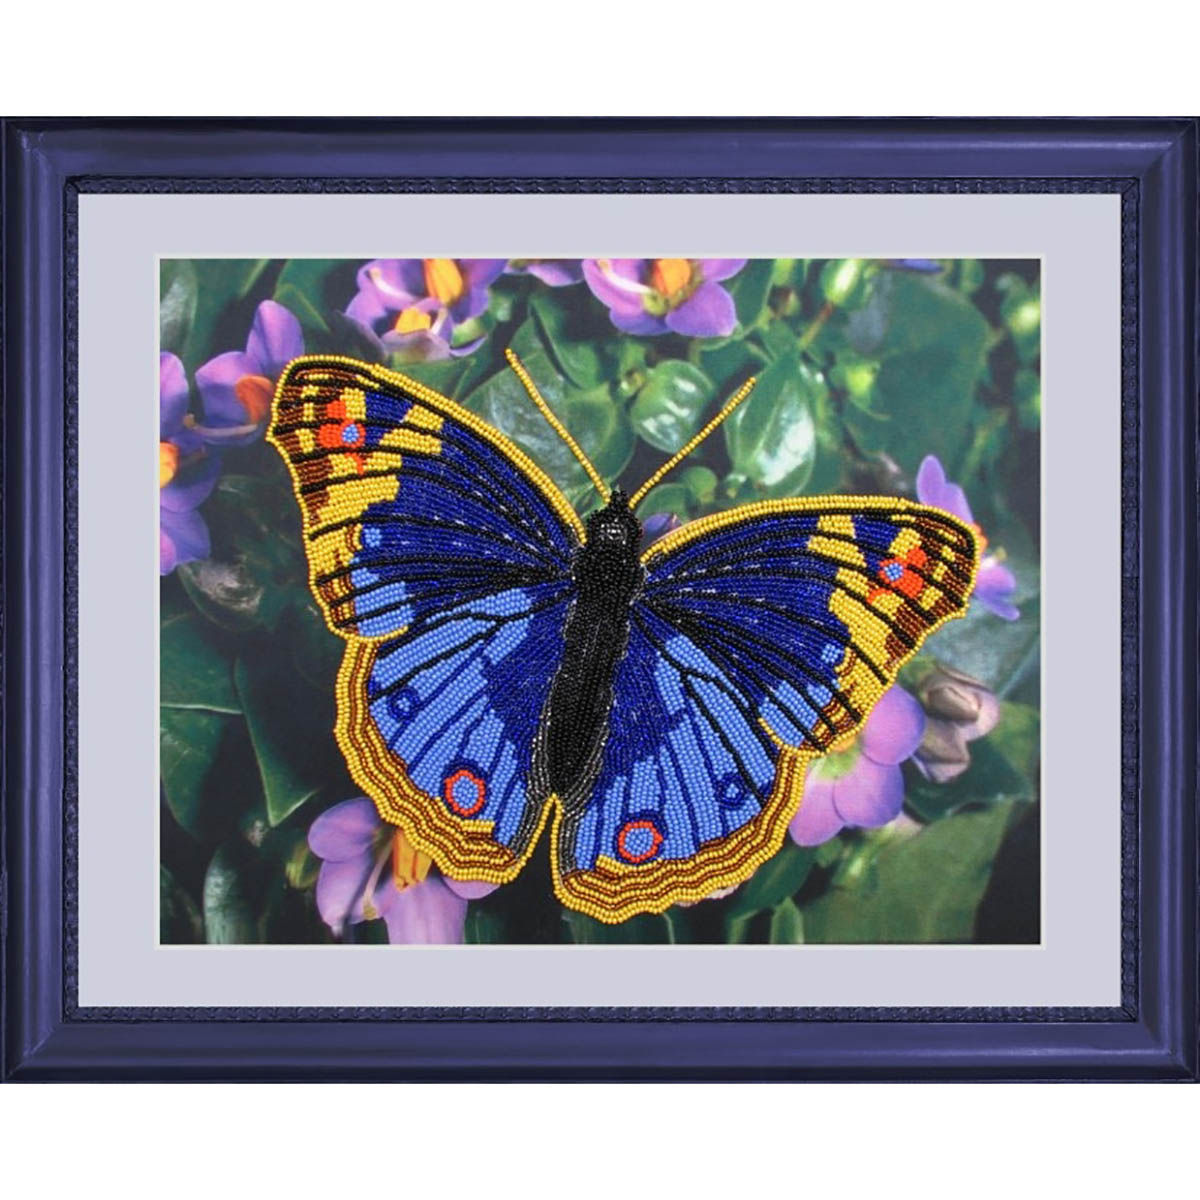 101 Набор для вышивания бисером Butterfly 'Бабочка', 25*32 см фото